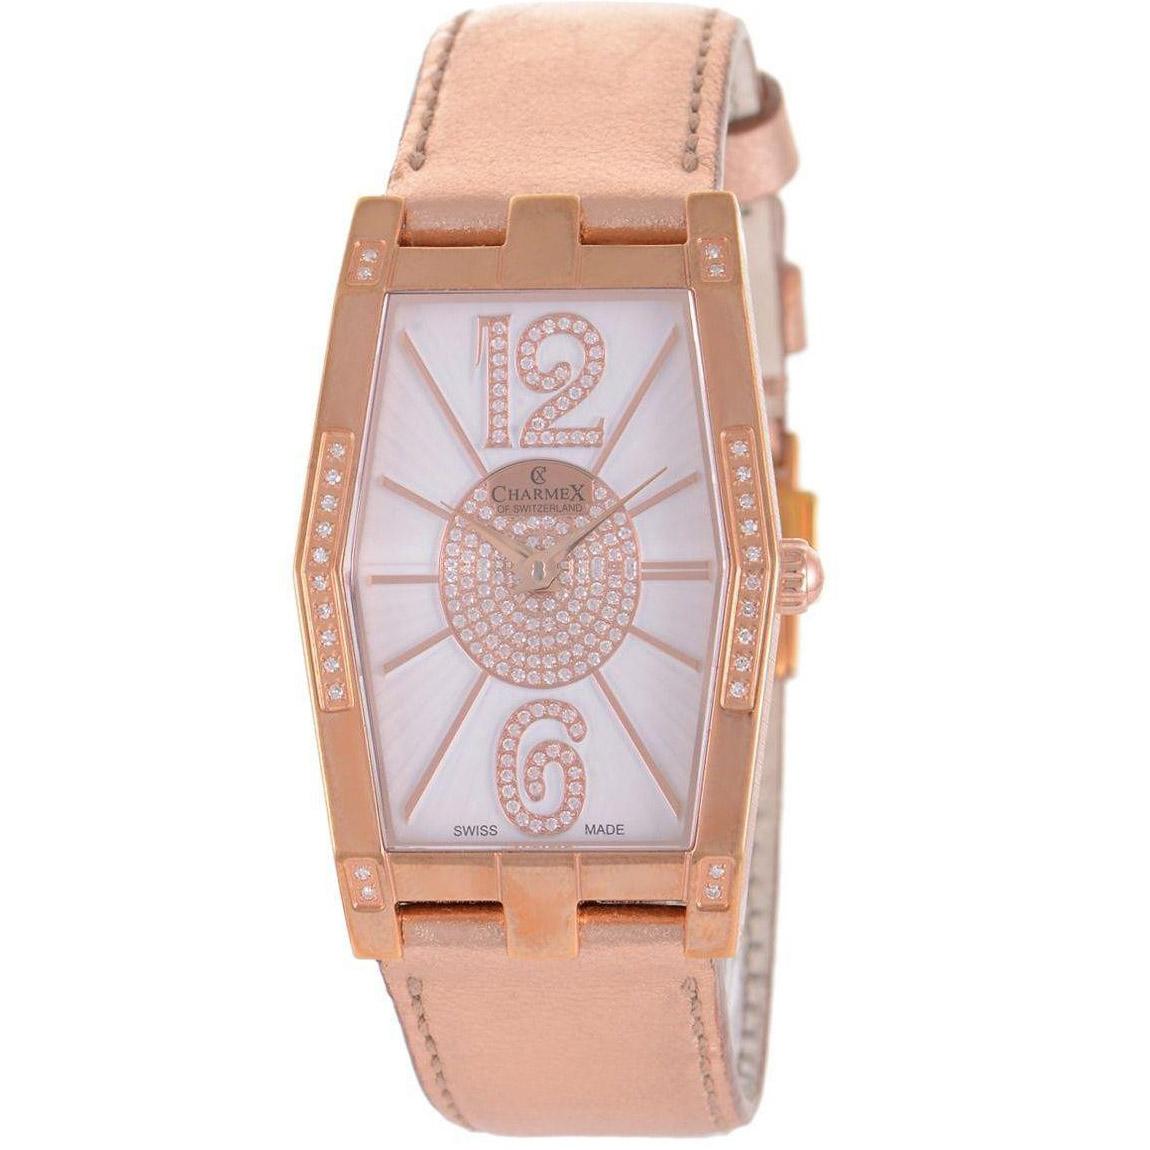 Charmex Nizza 6076 Women's Watch